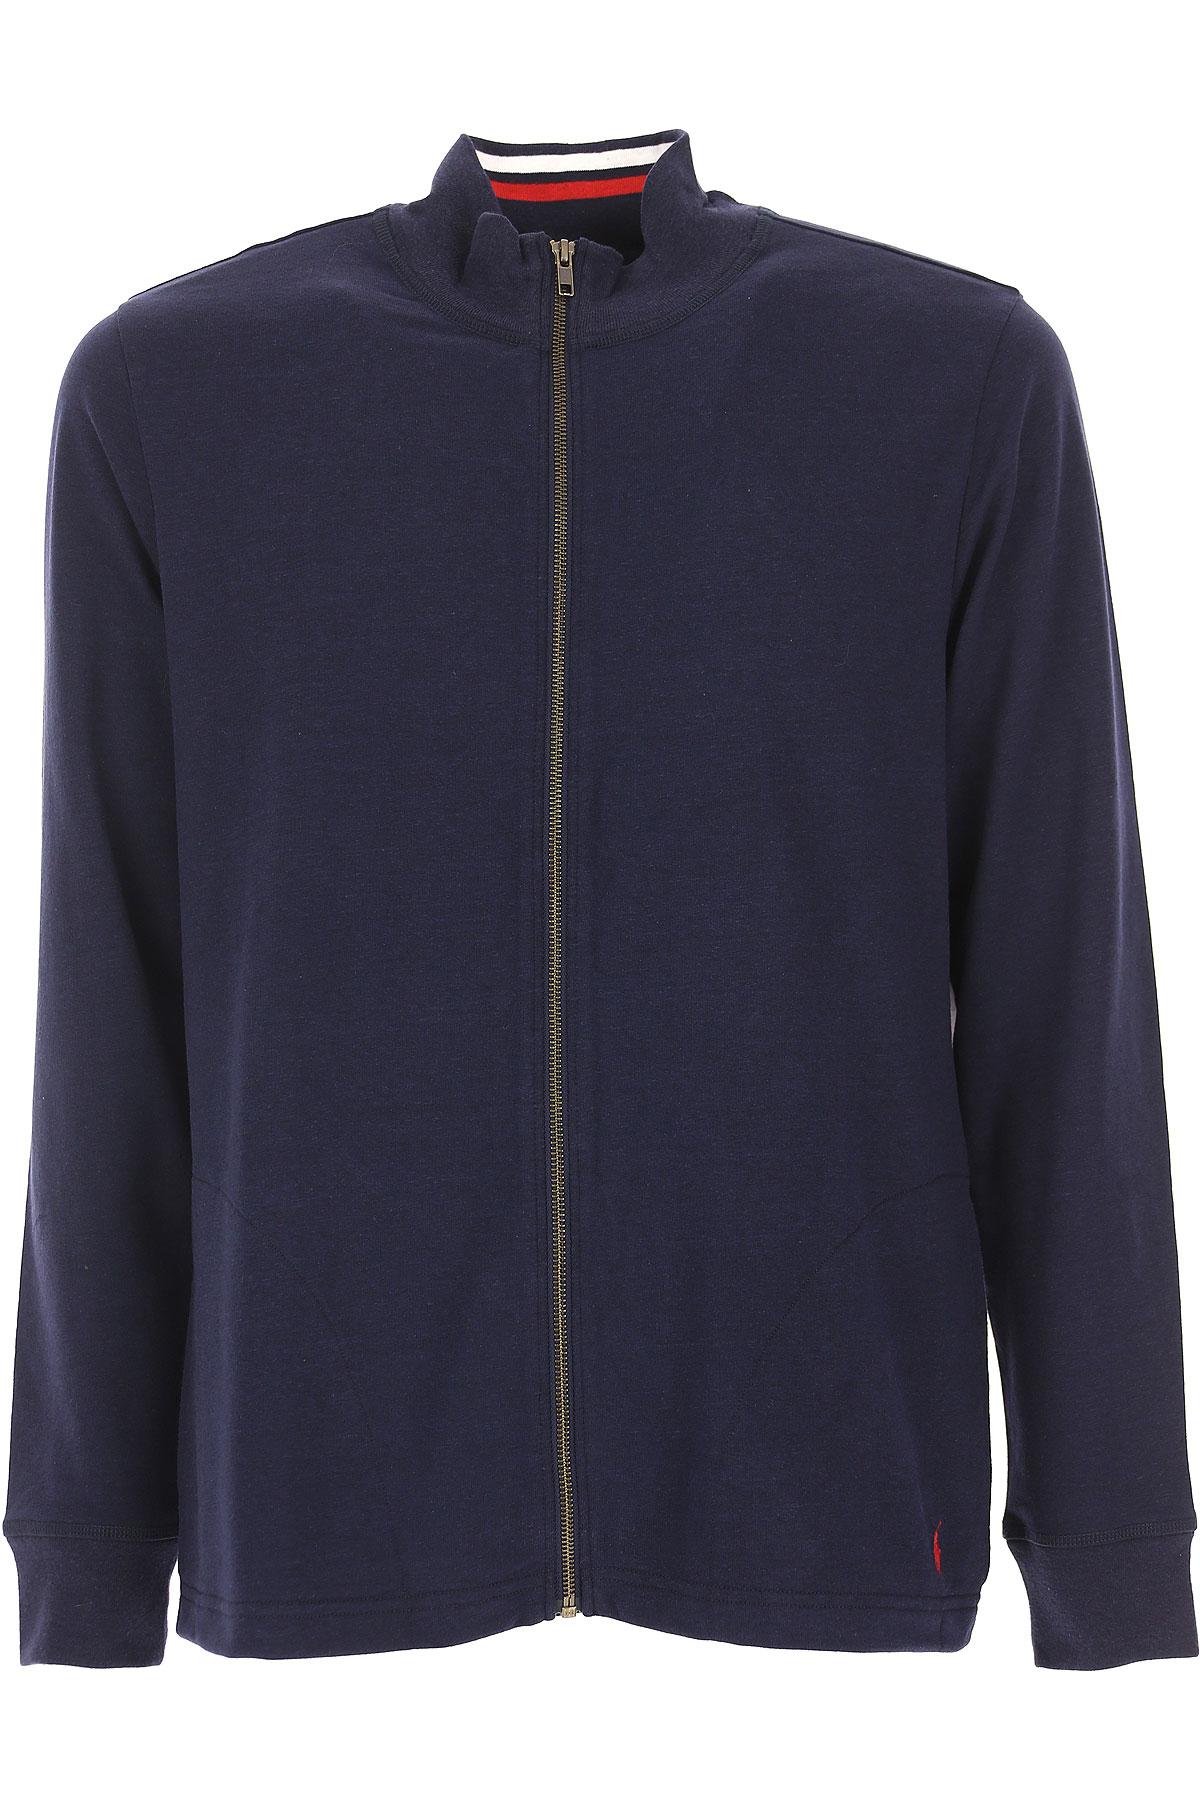 Ralph Lauren Sweatshirt for Men, Blue Navy, polyester, 2017, L M S XL USA-438500